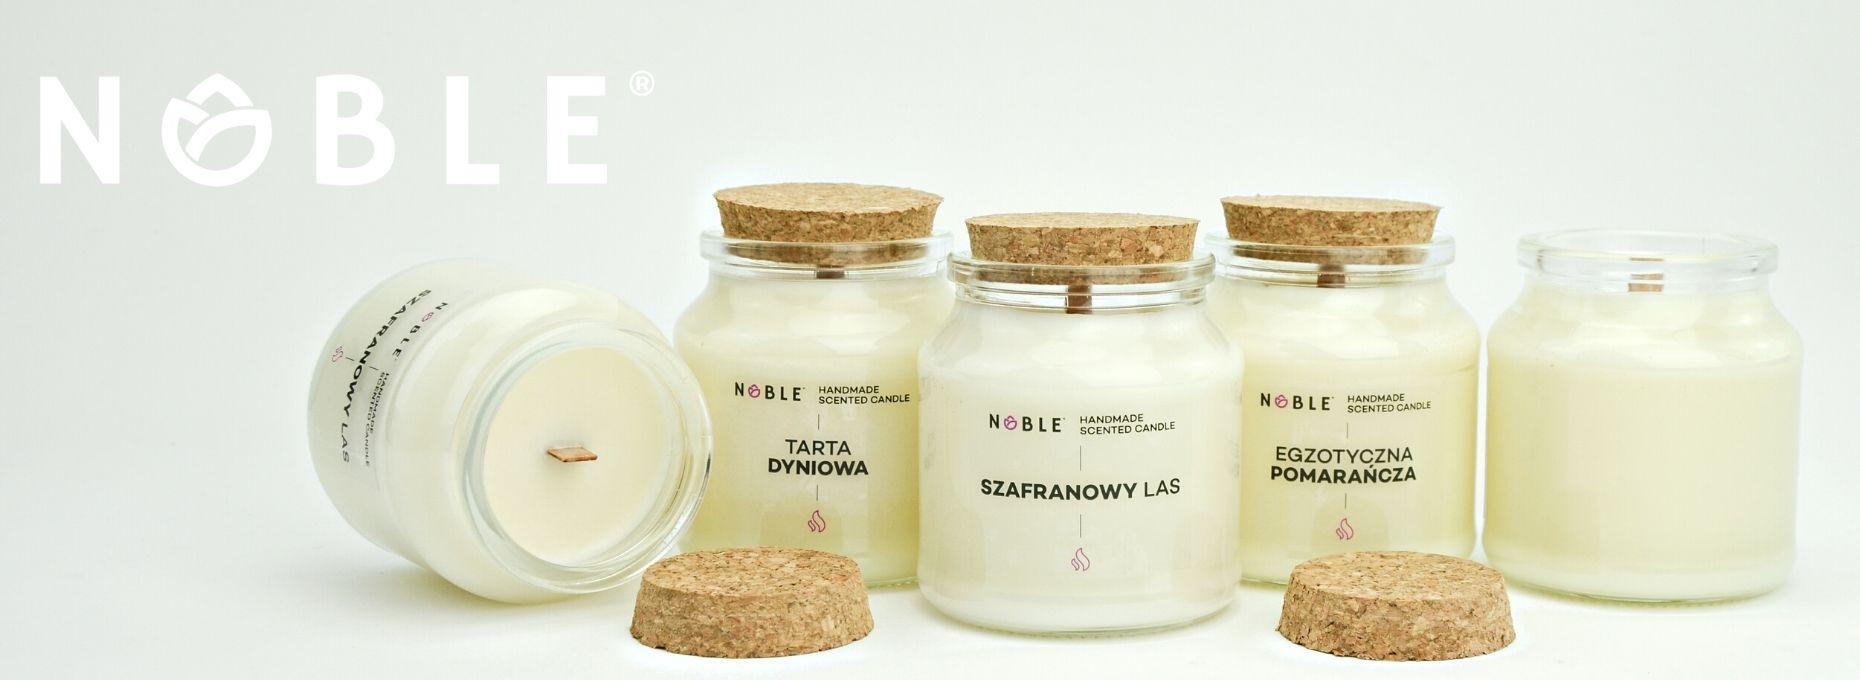 Naturalne Sojowe świece zapachowe Noble Candle